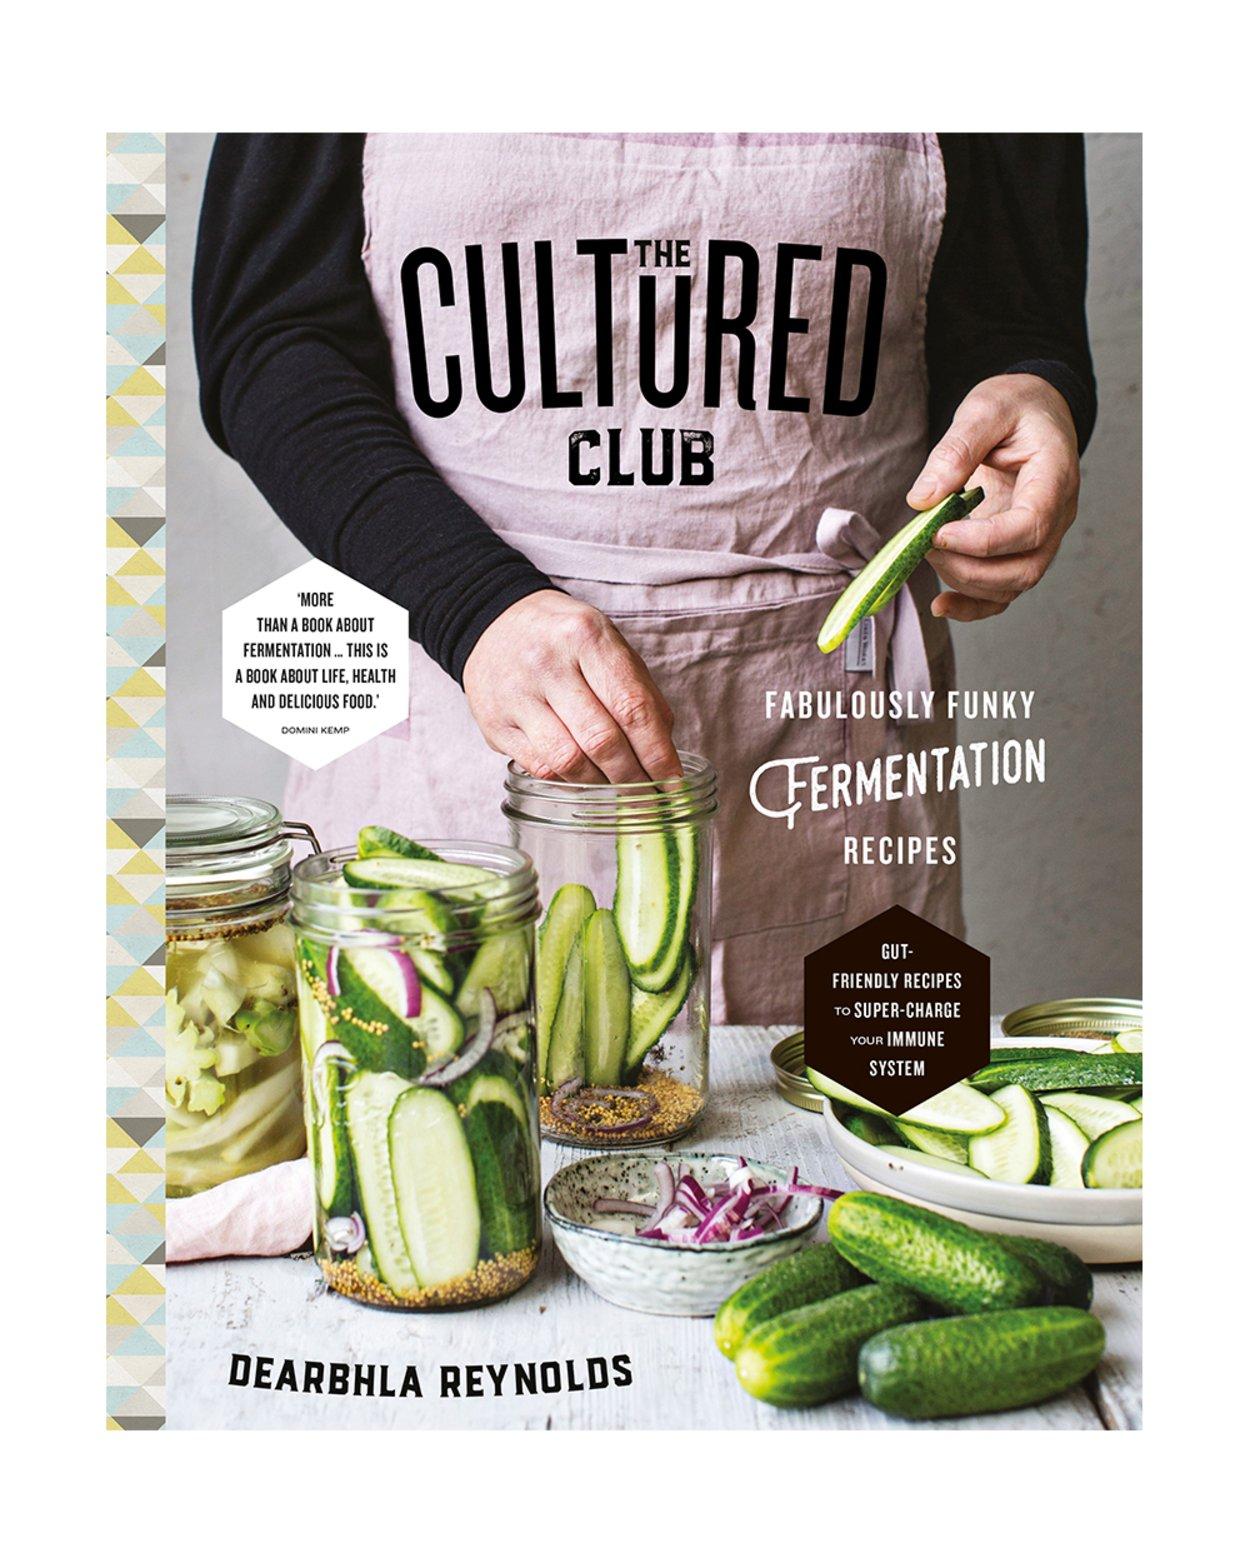 The Cultured Club